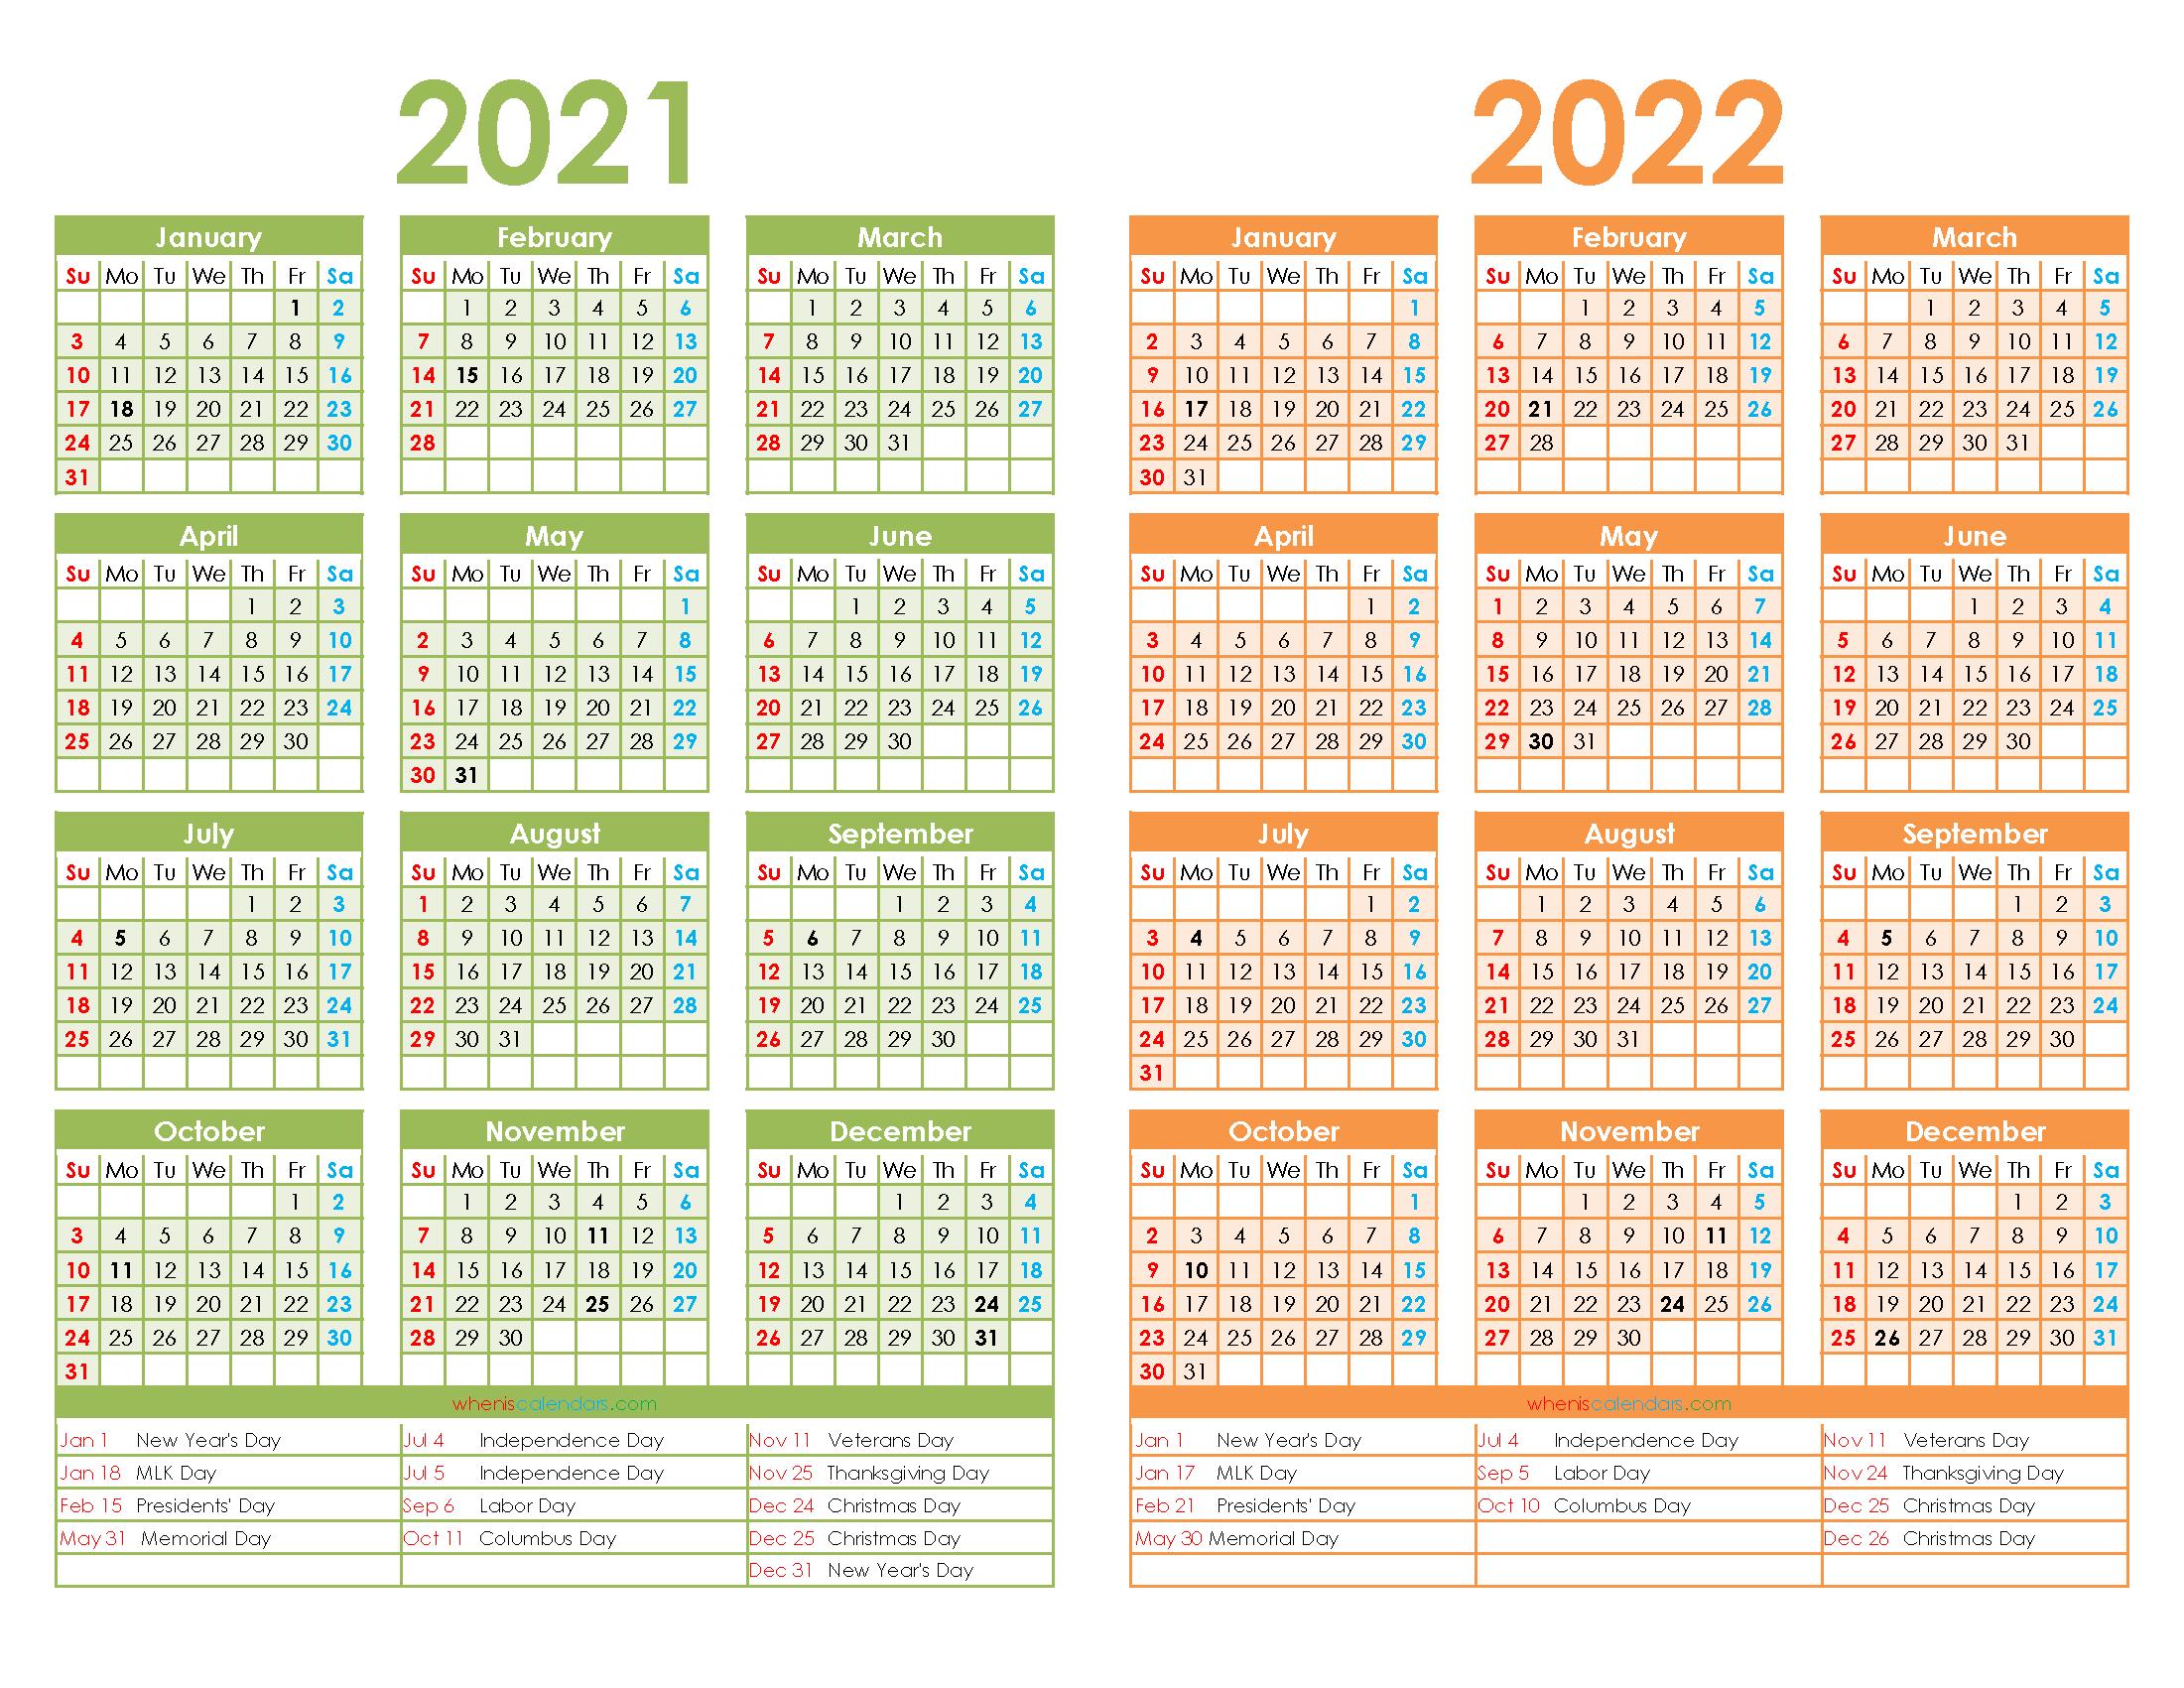 Printable 2021 and 2022 Calendar